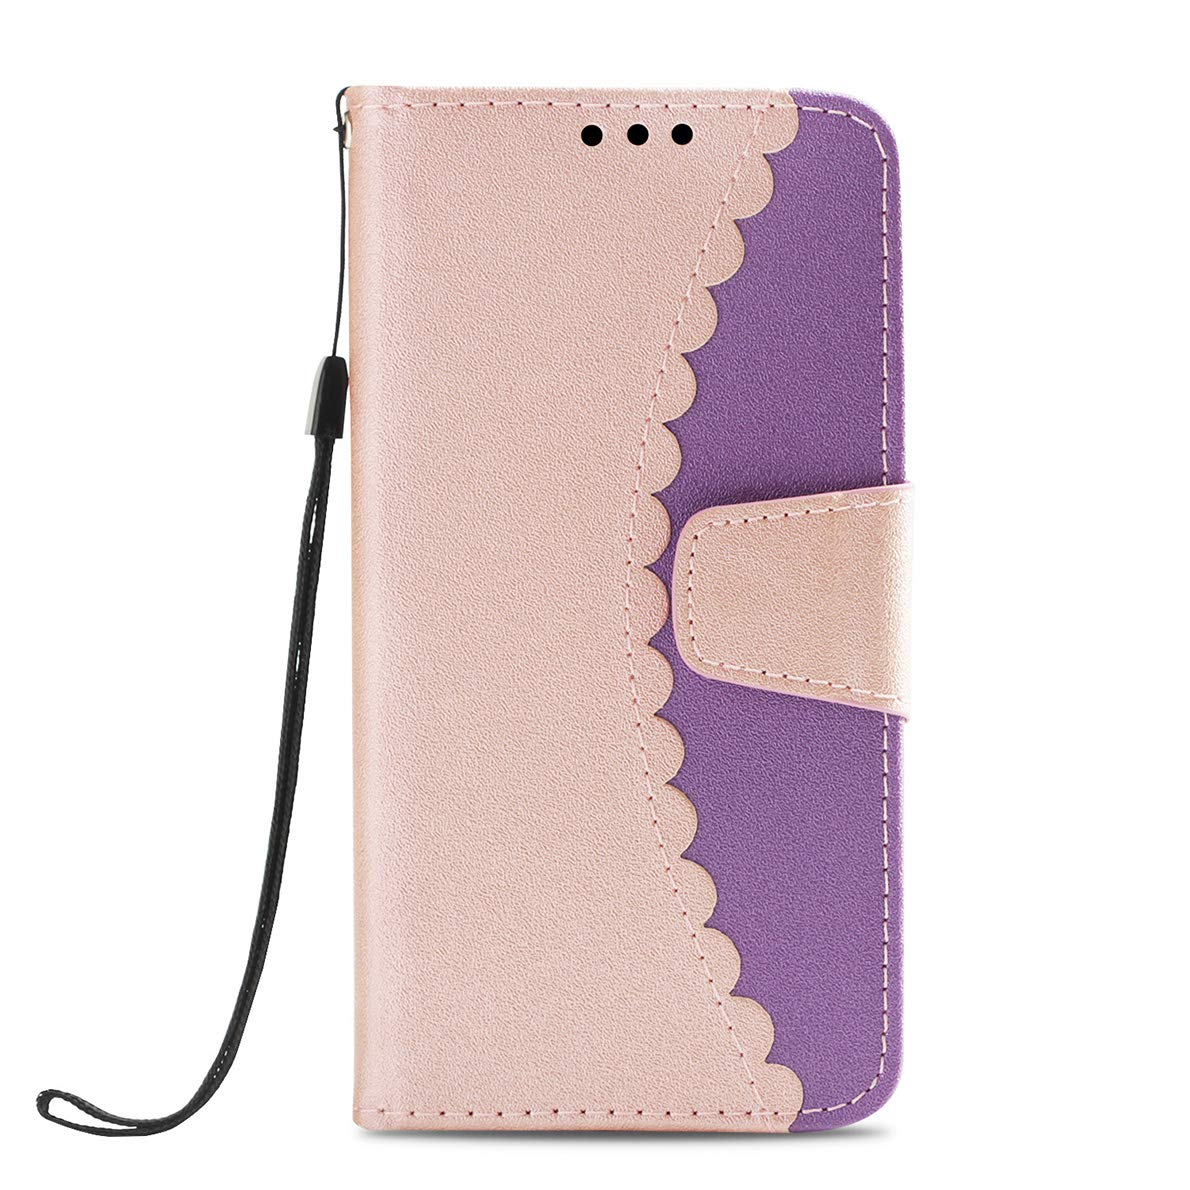 Samsung Galaxy S9 Plus Hülle, SHUYIT Farbe Premium PU Leder Tasche Cover Flip Wallet Case Bookcase Handyhülle Lederhülle Schutzhülle mit Standfunktion Kartenfächer für Samsung Galaxy S9 Plus